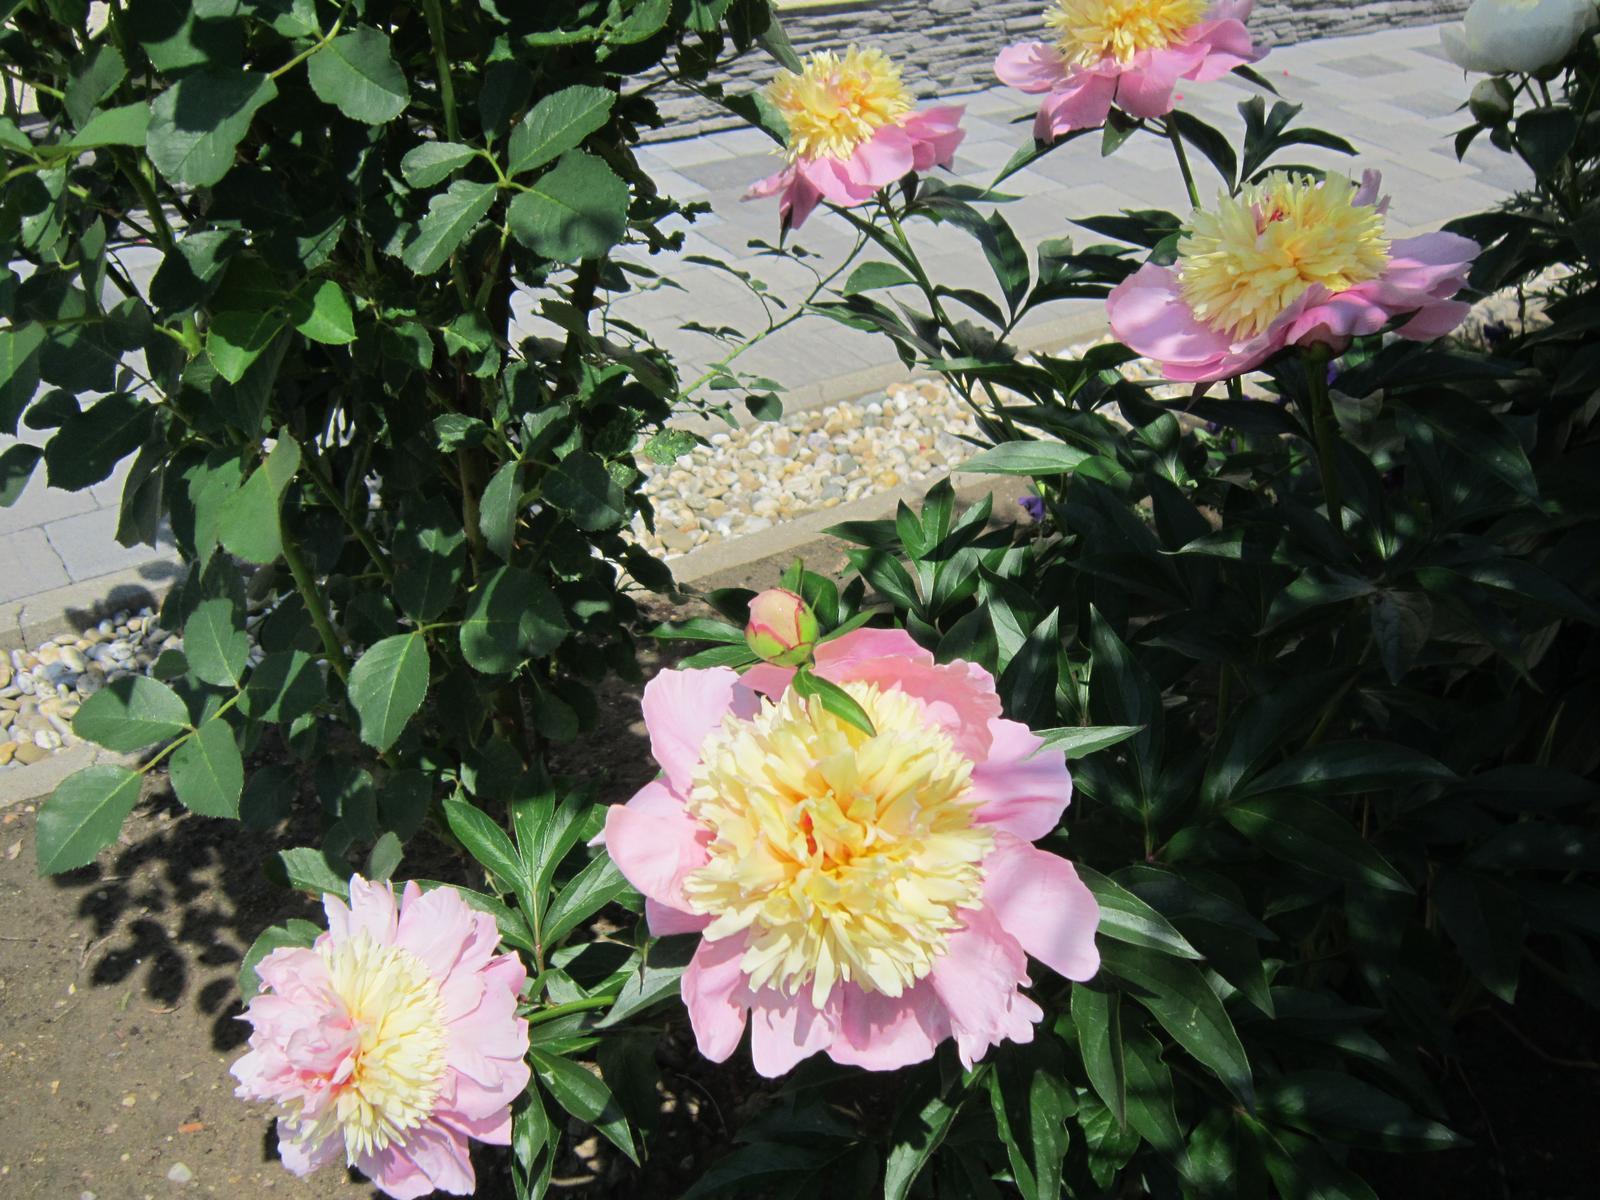 Pozvanie do našej jarnej záhrady - Obrázok č. 53